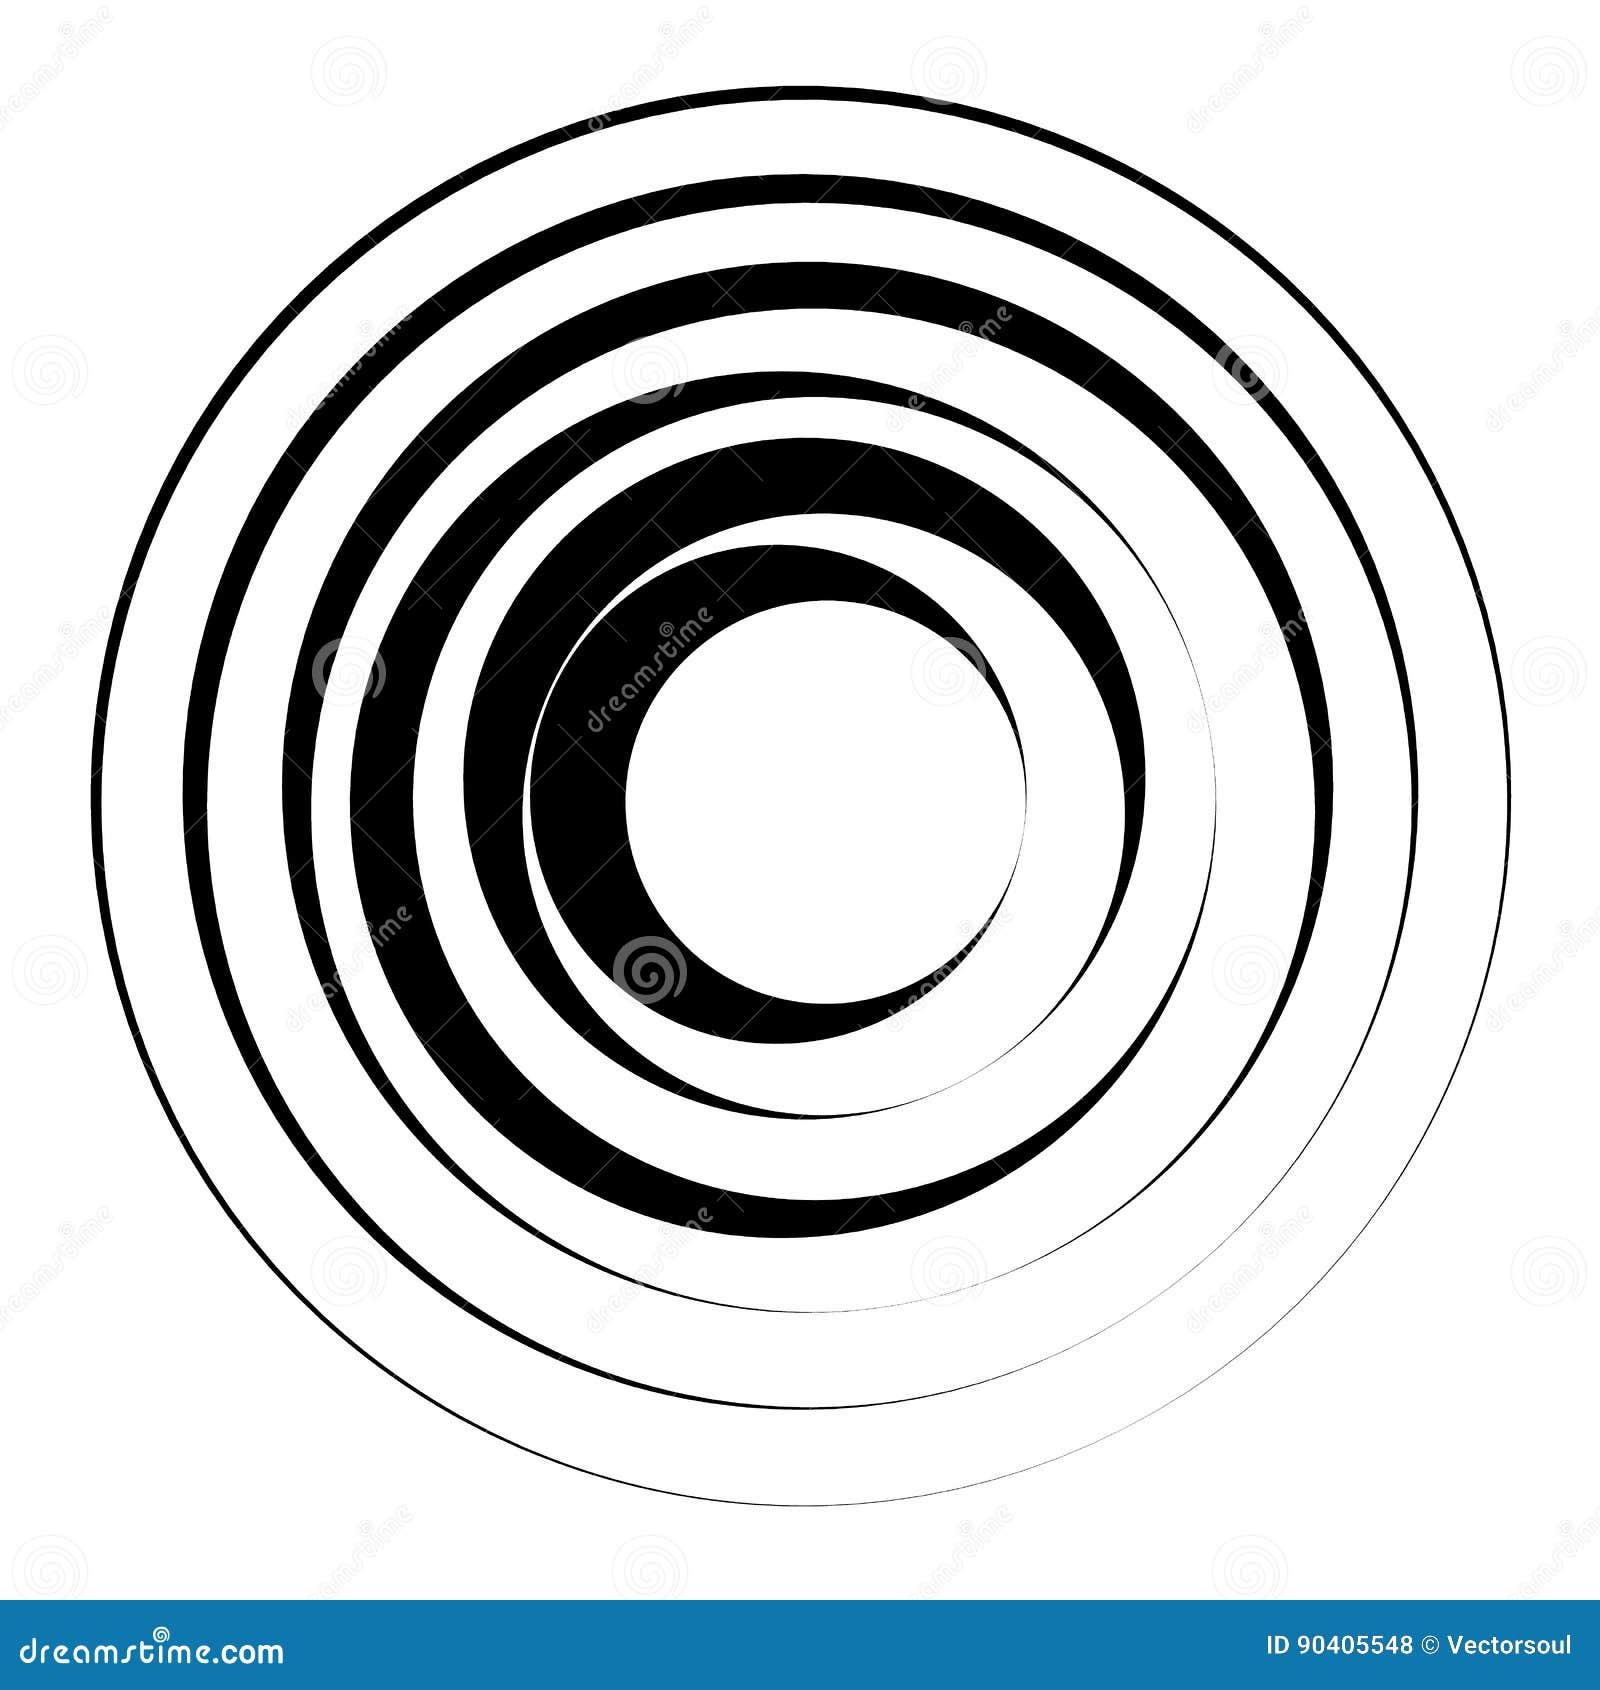 Геометрический элемент концентрических кругов Radial, излучая циркуляр